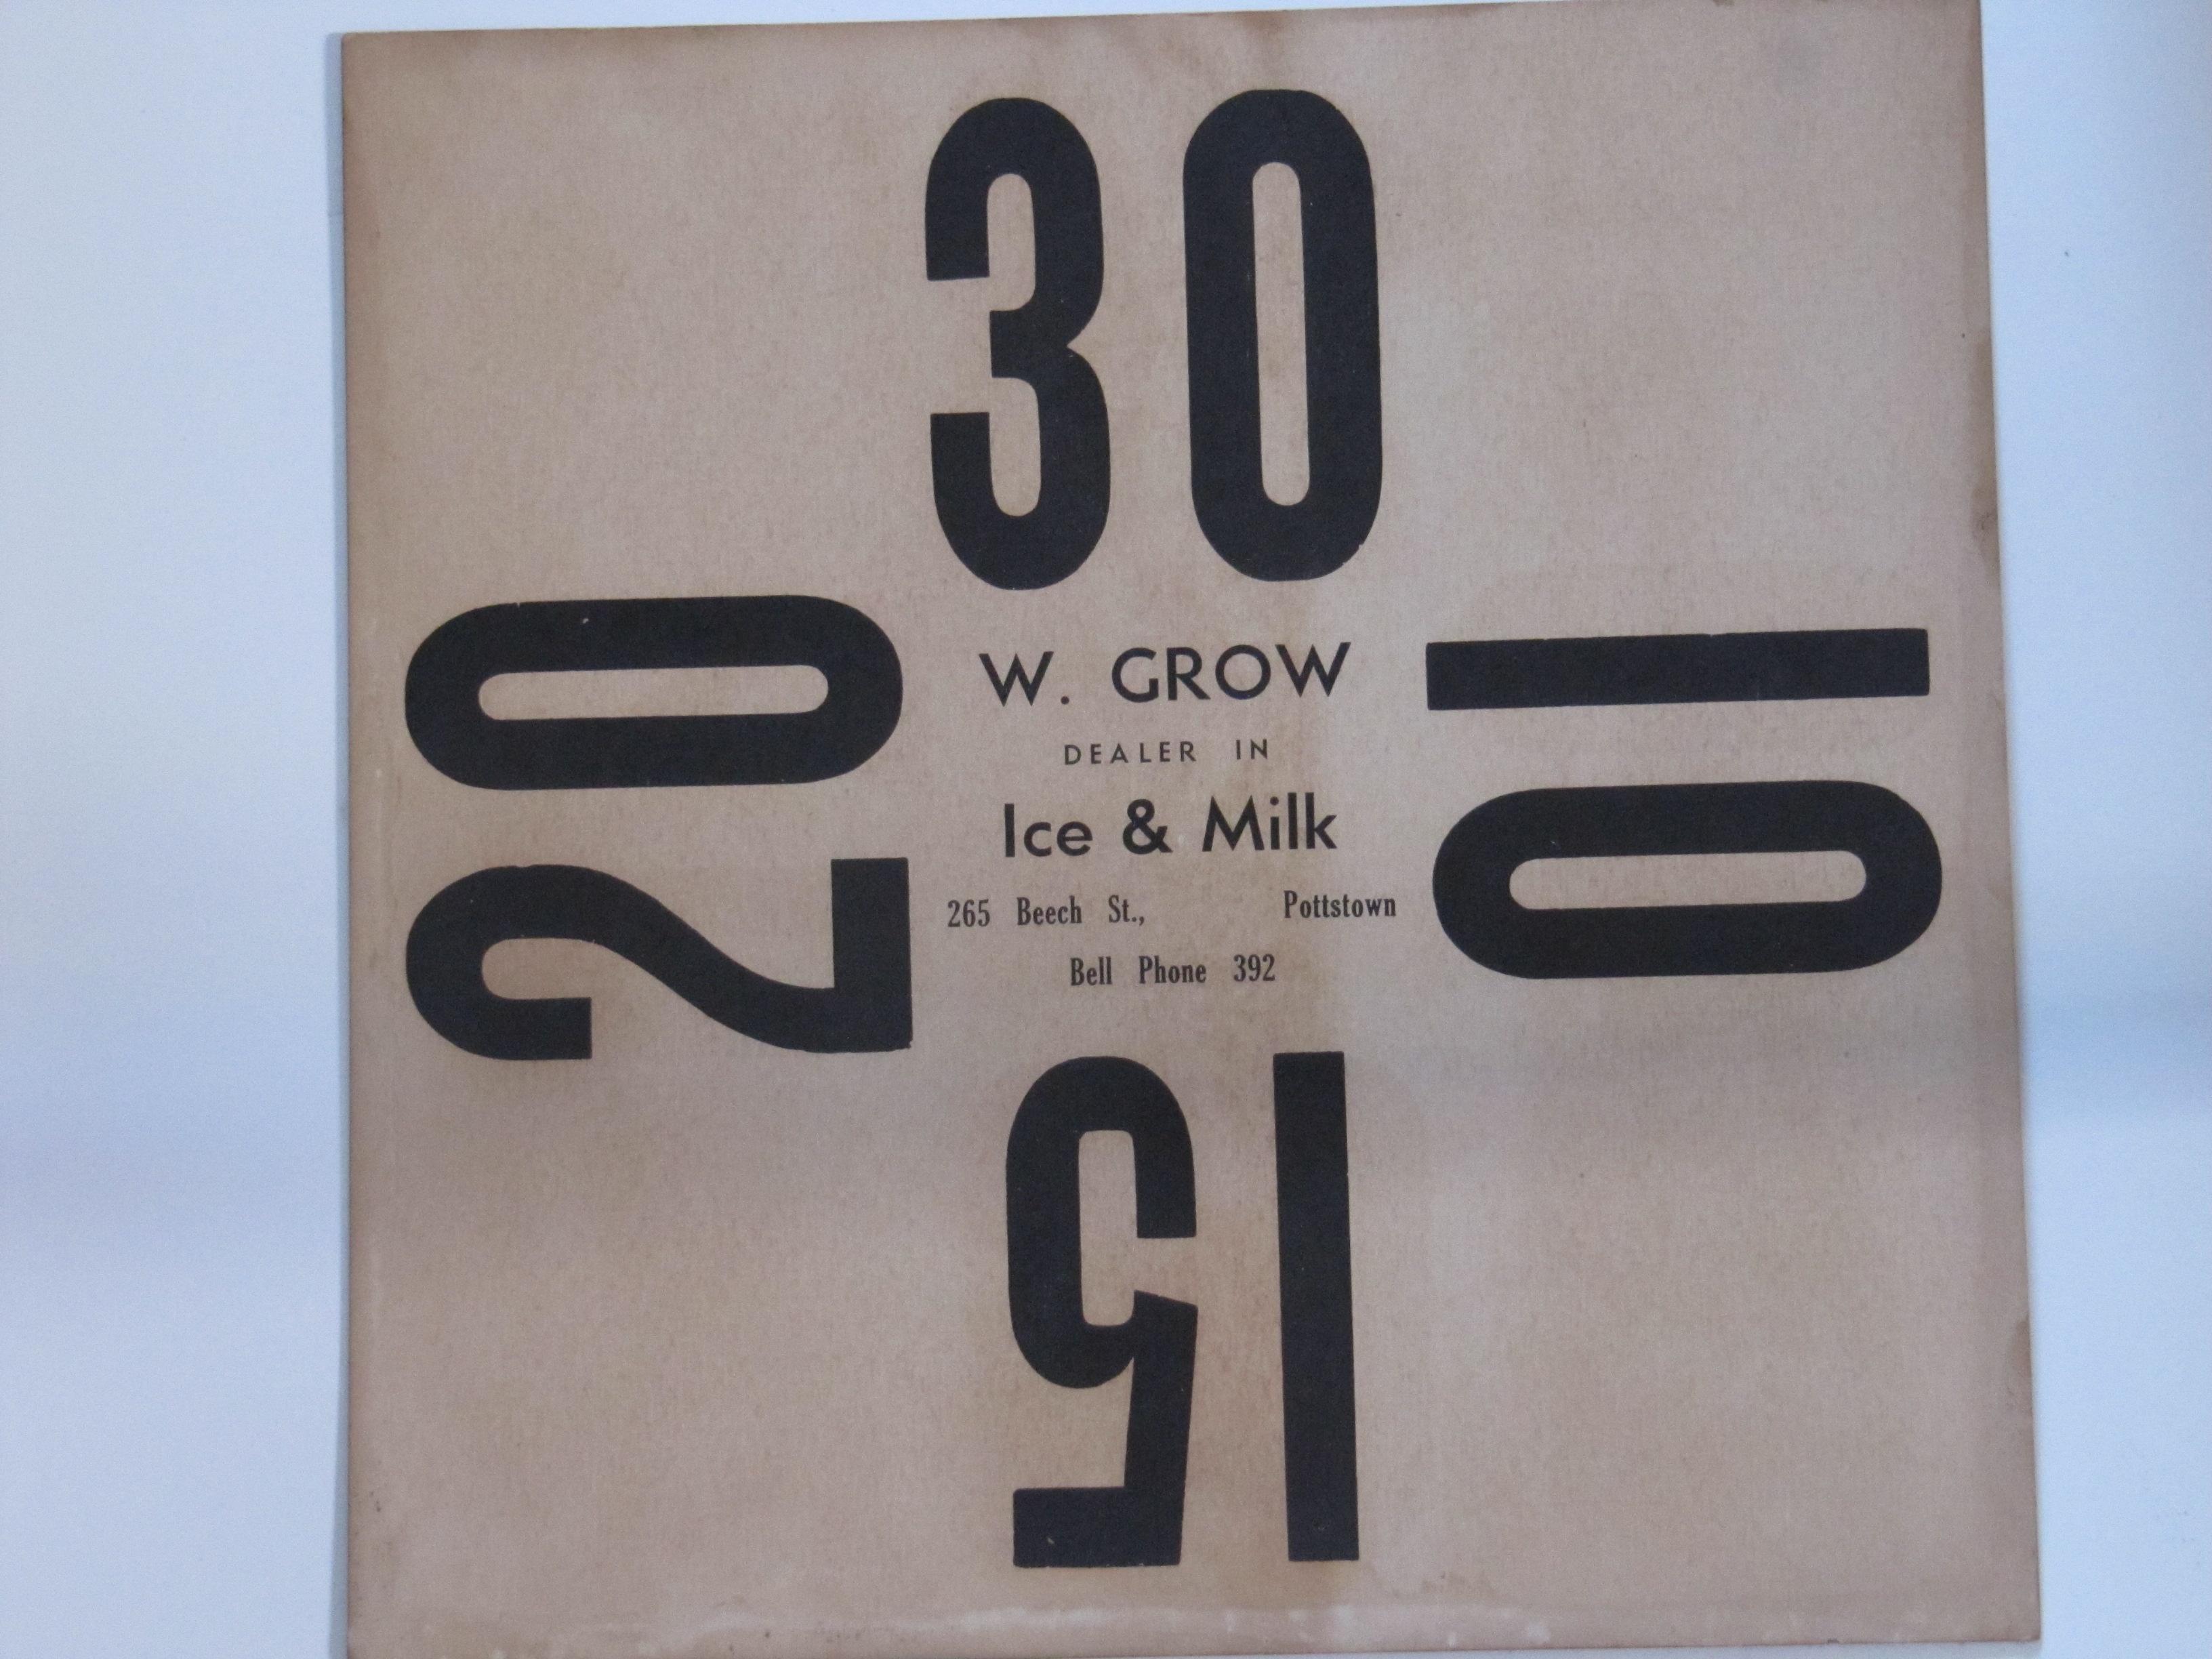 W. Grow Ice & Milk